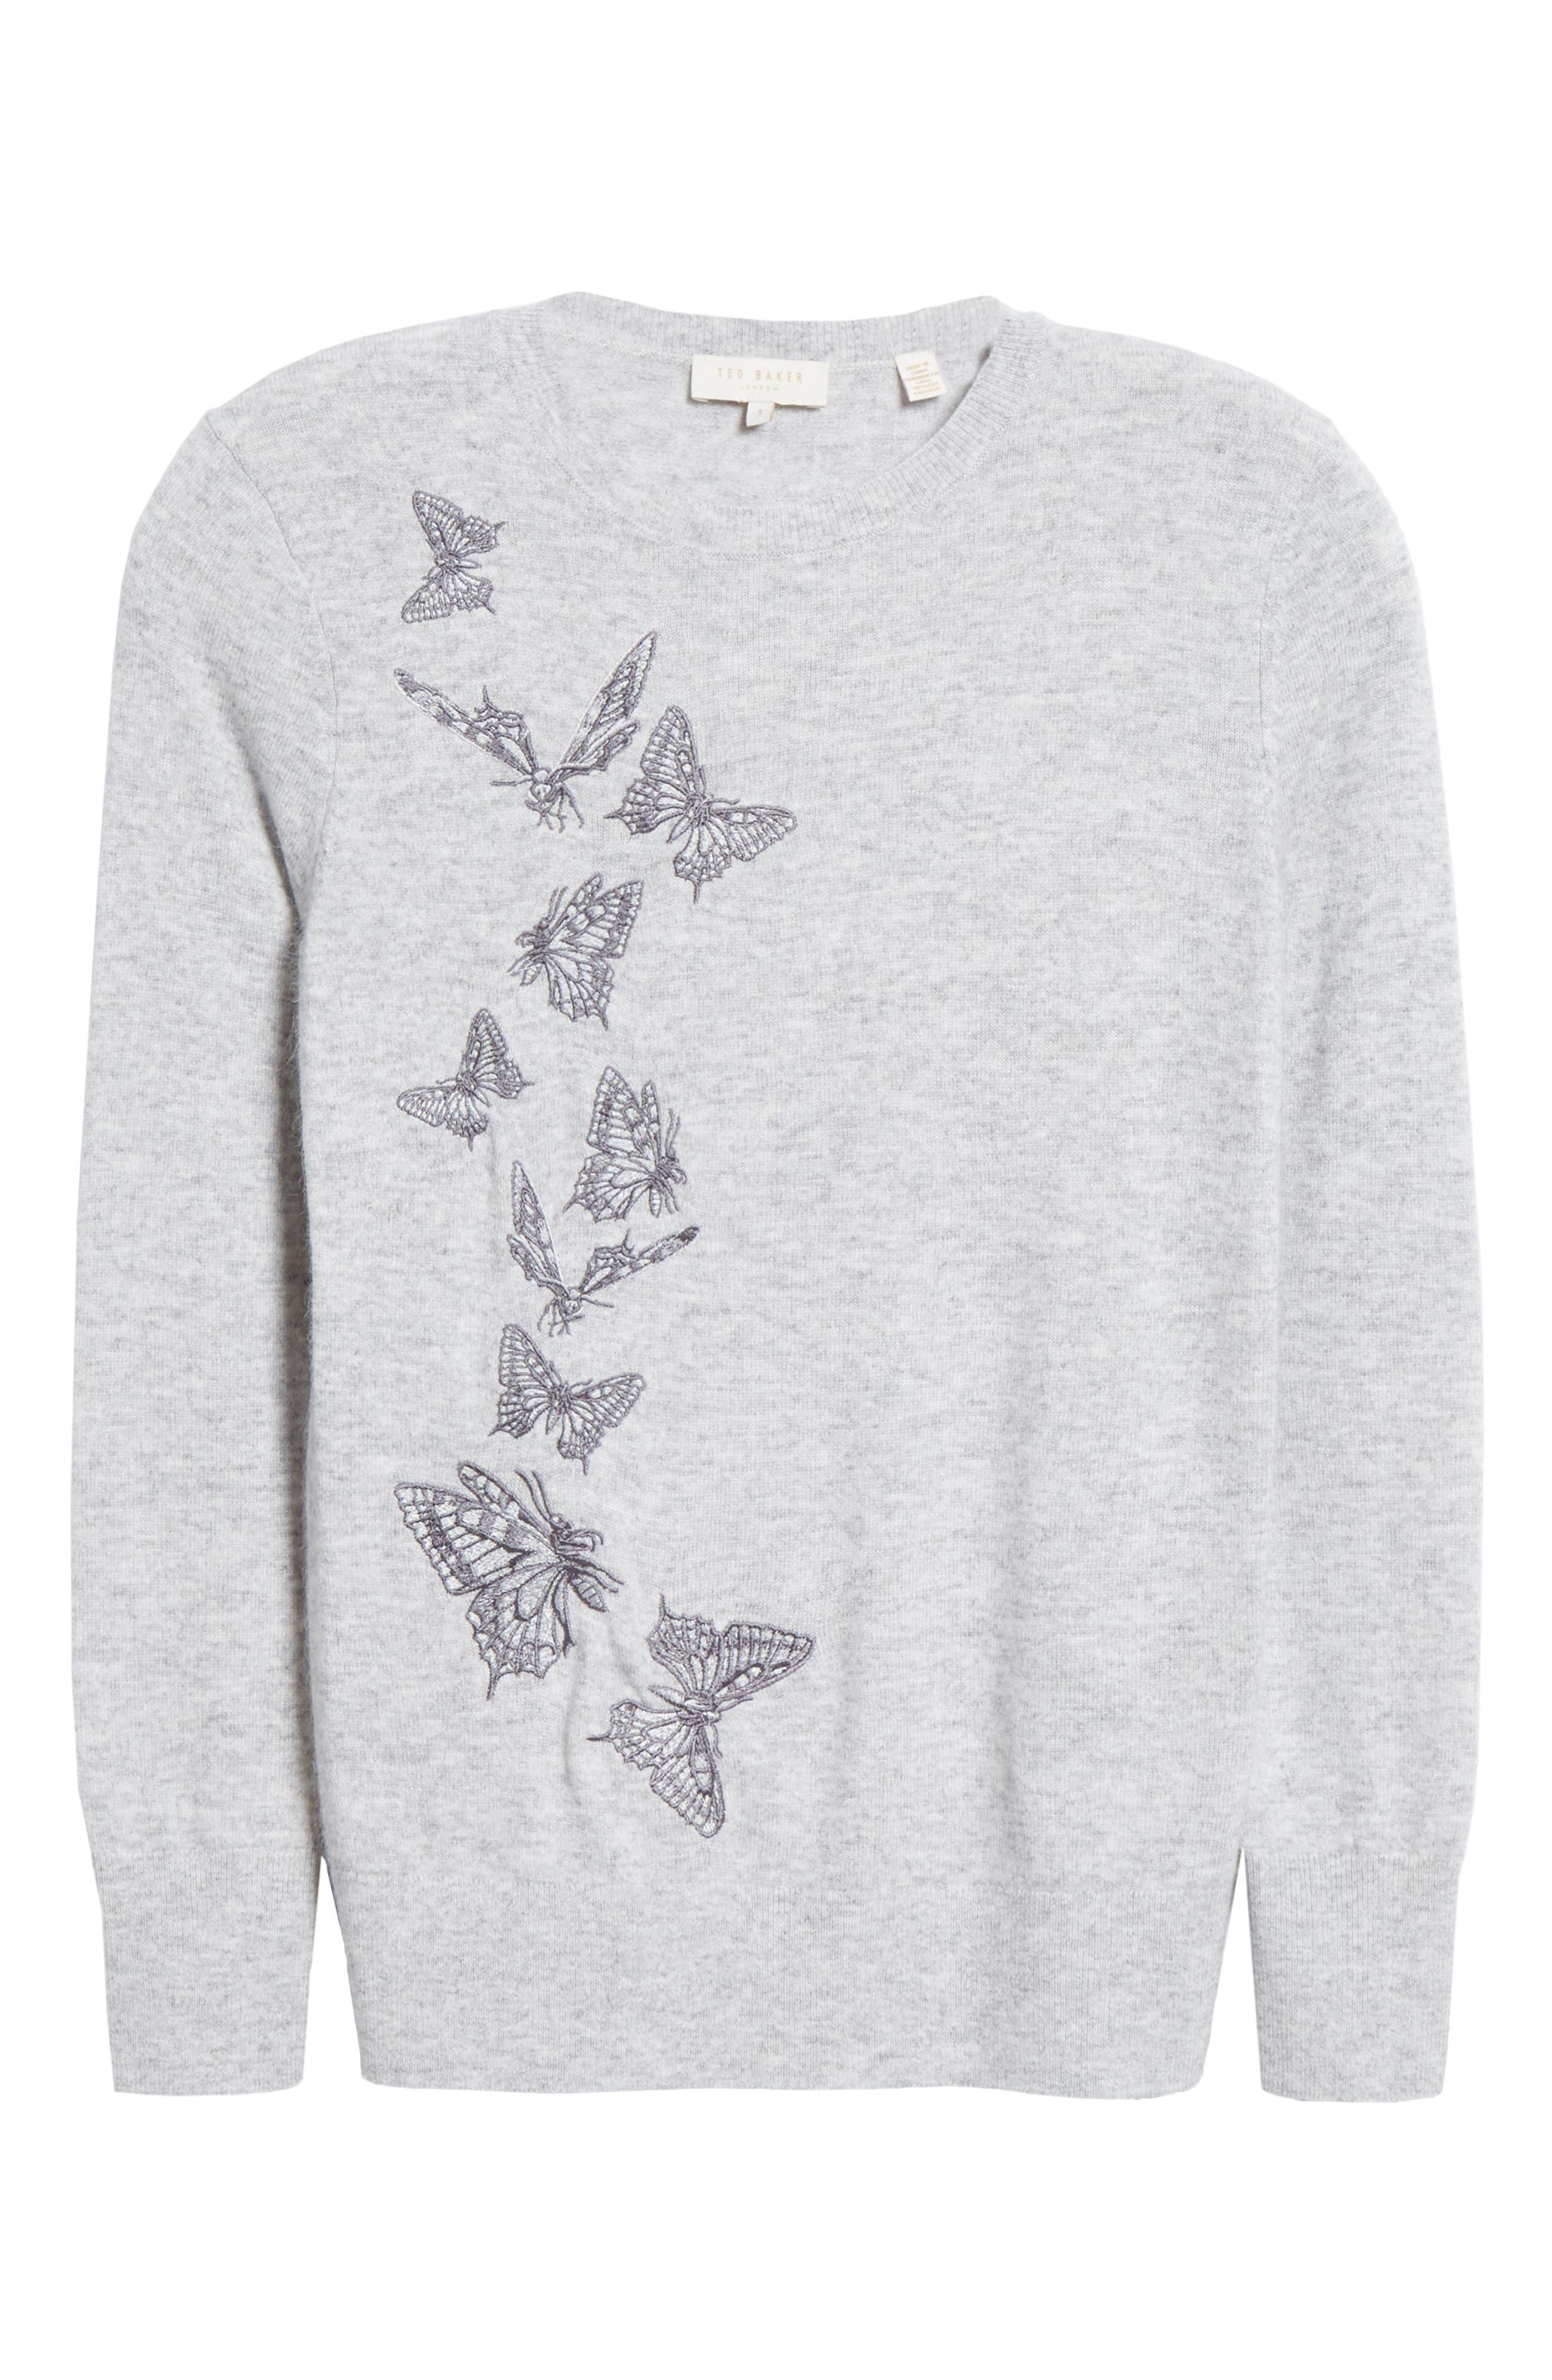 TED BAKER LONDON,                             Redinn Butterfly Sweater,                             Alternate thumbnail 6, color,                             GREY